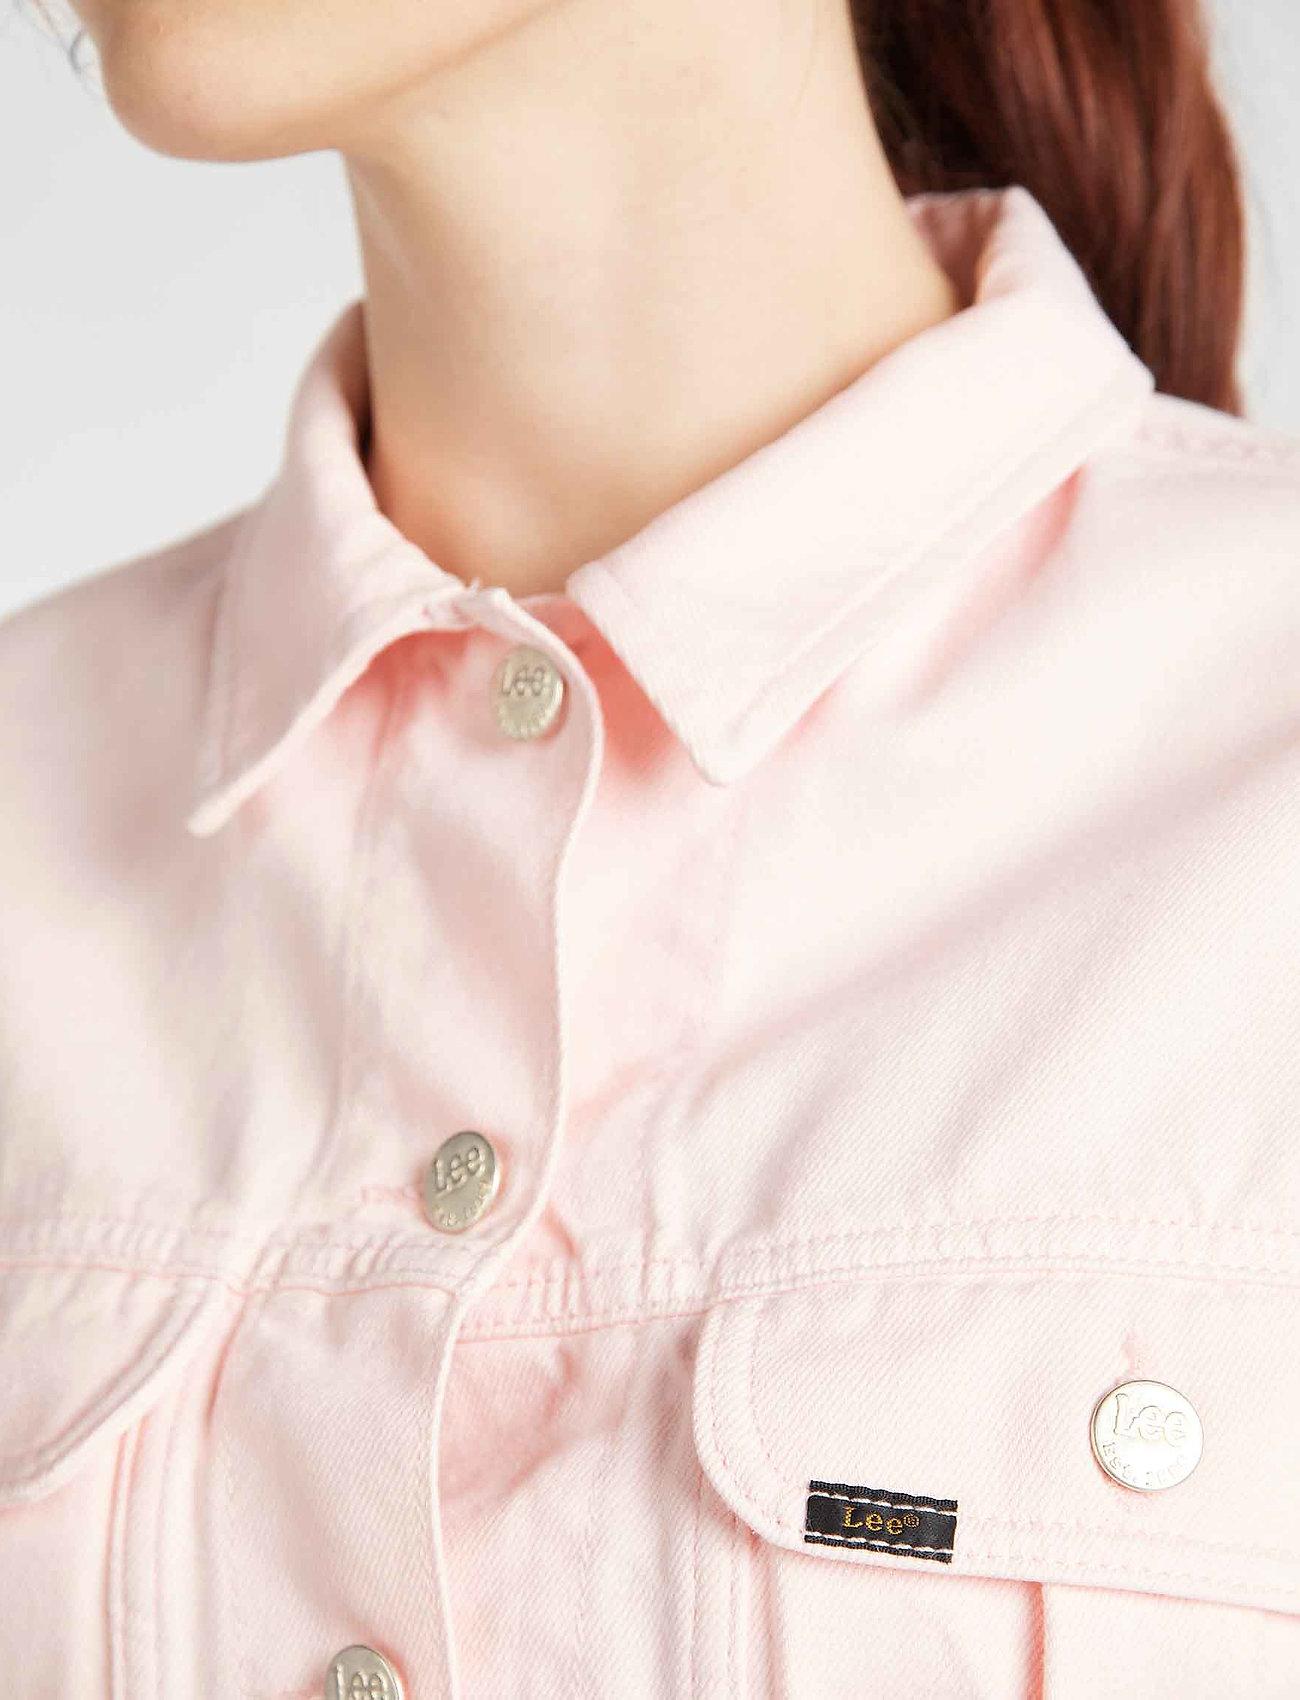 Lee Jeans Cropped Jacket - Jackor & Kappor Crystal Pink